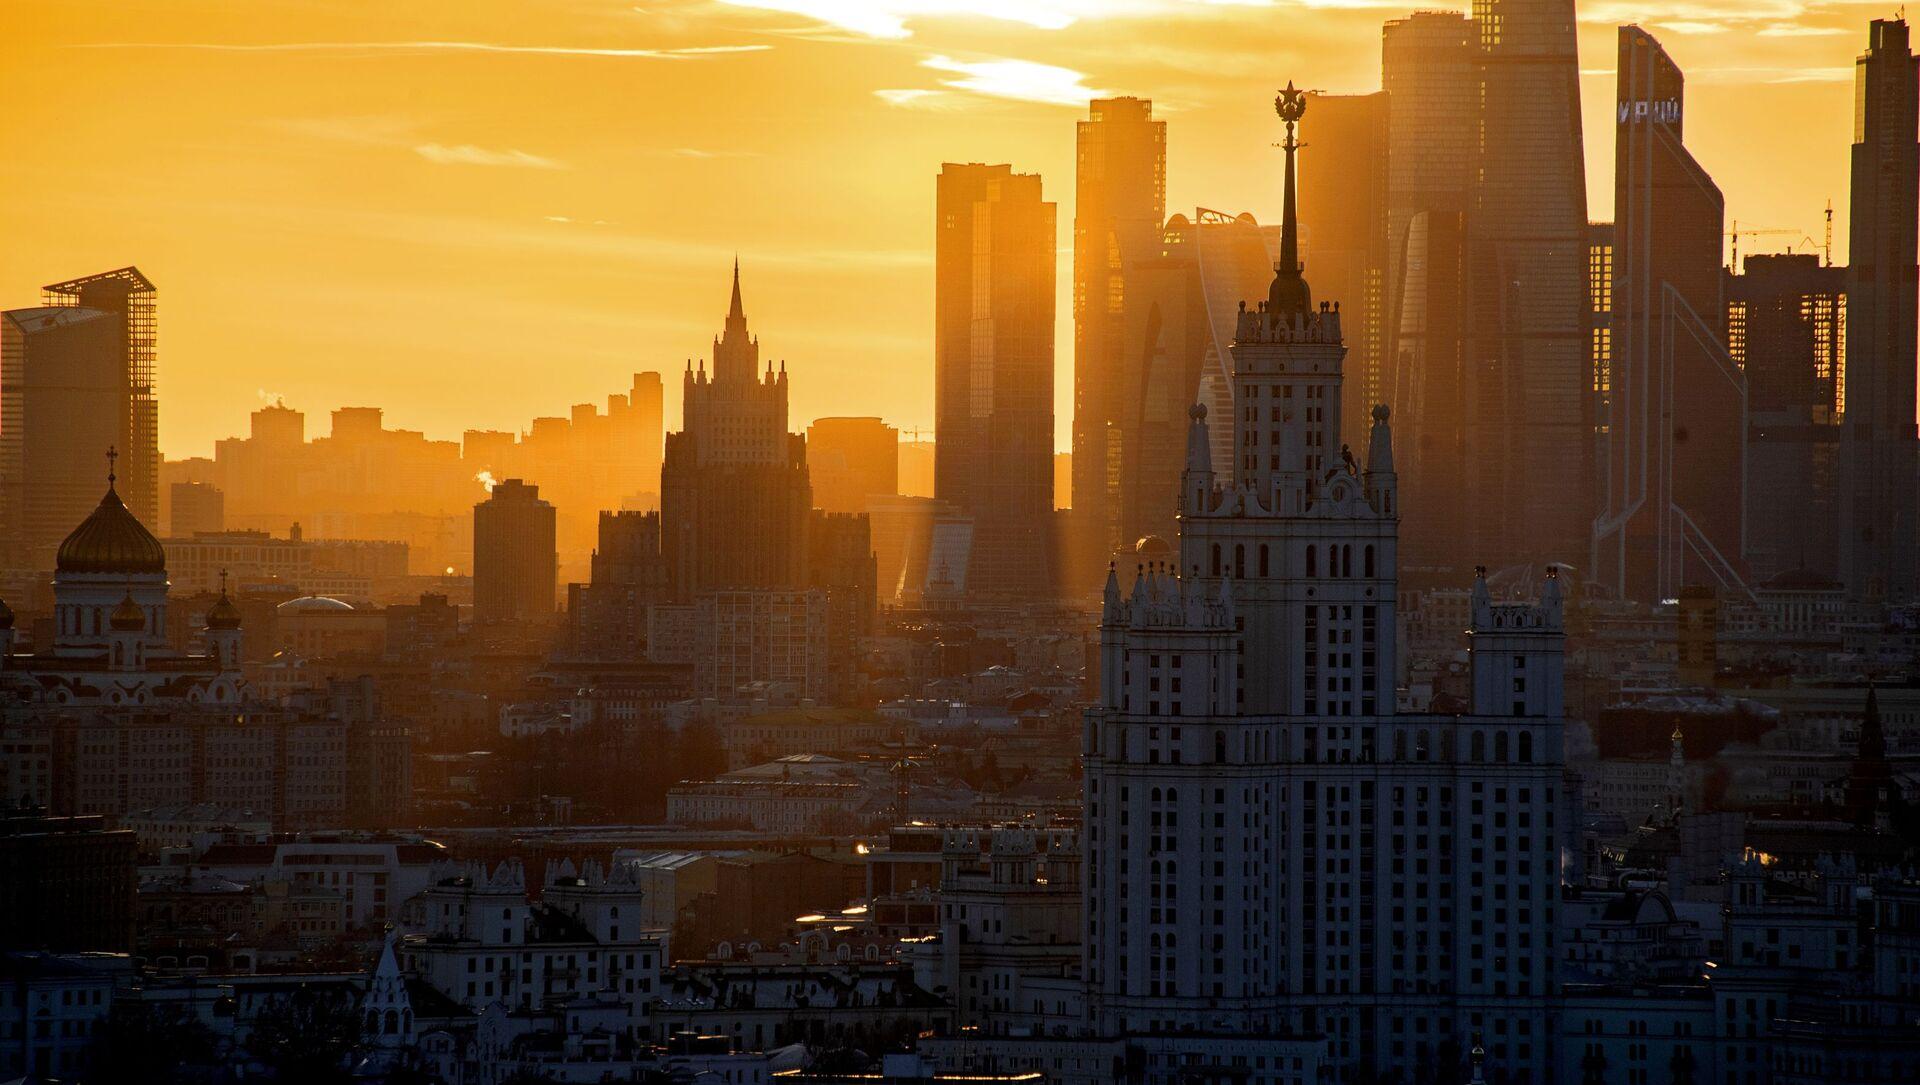 La vista del ministero degli Esteri russo, Mosca. - Sputnik Italia, 1920, 20.04.2021